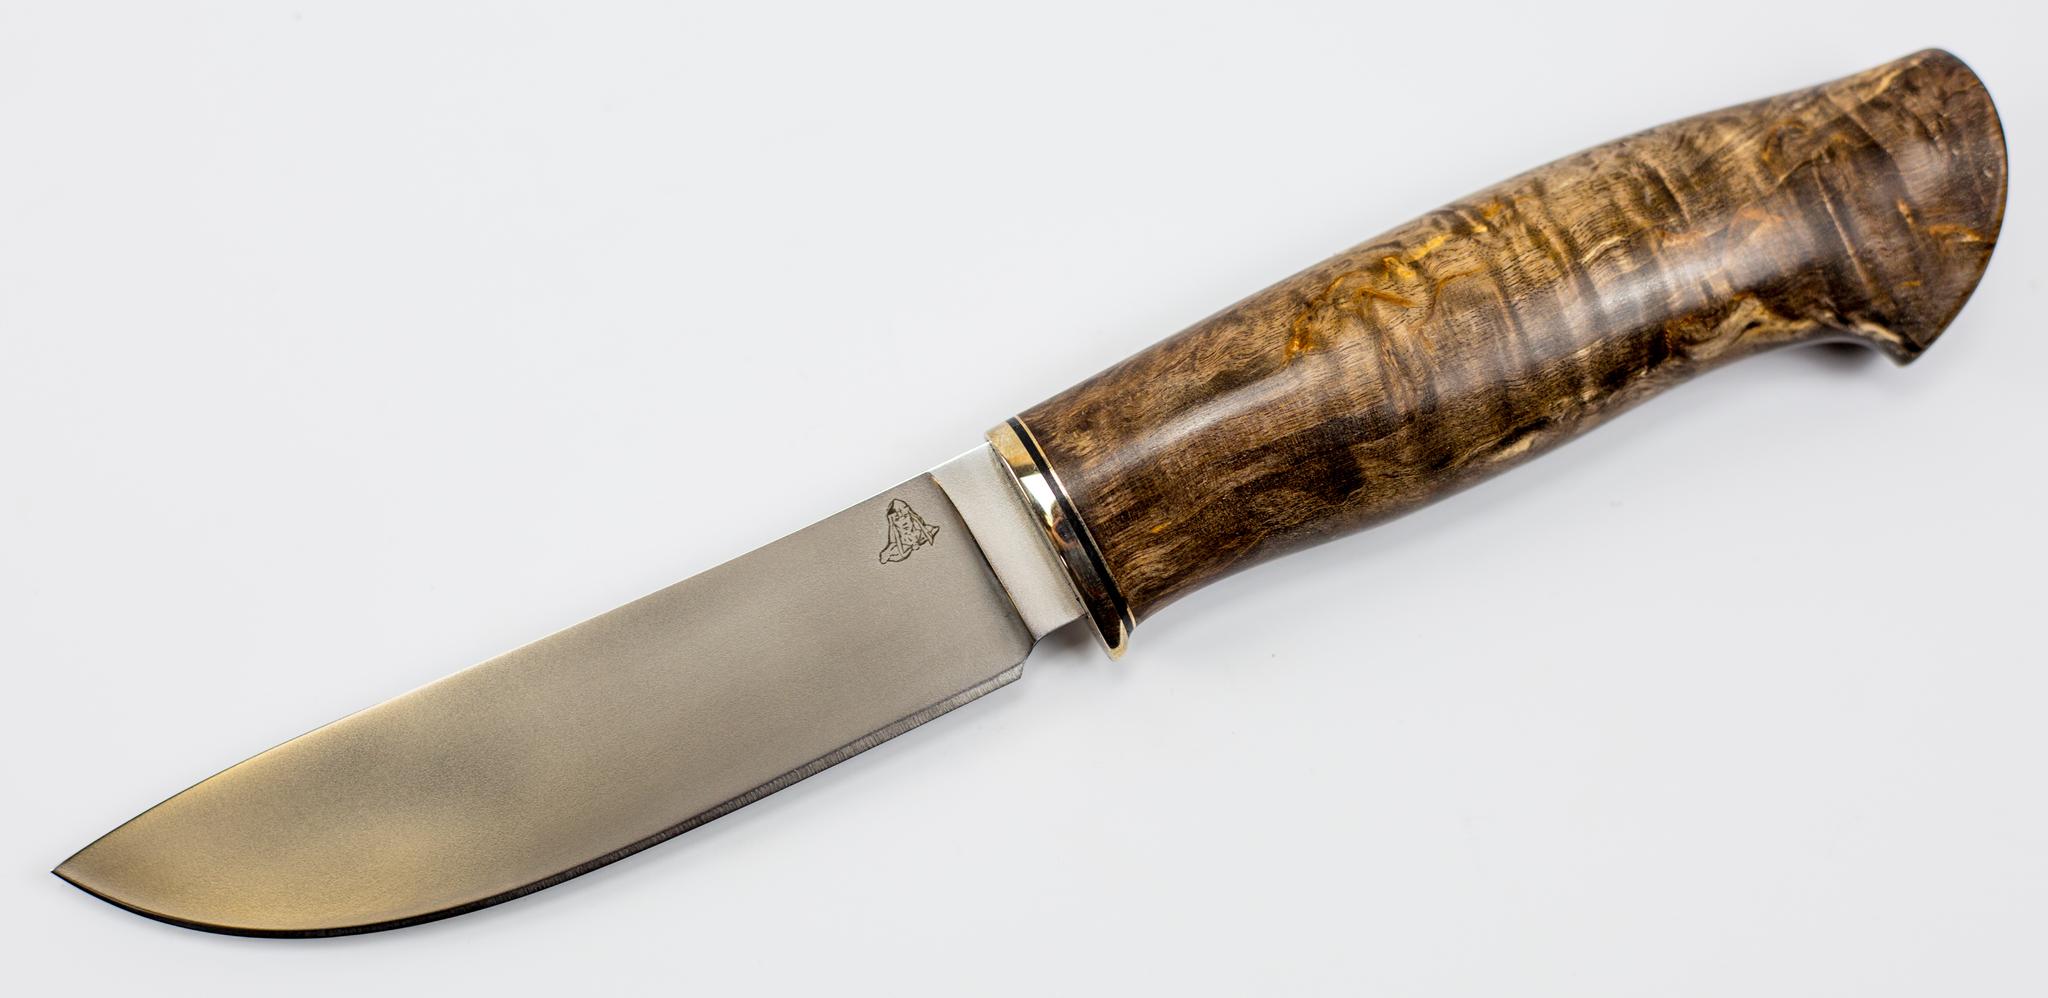 Нож Скинер, M390, мельхиор, карельская березаНожи Ворсма<br>Нож Кроха<br>